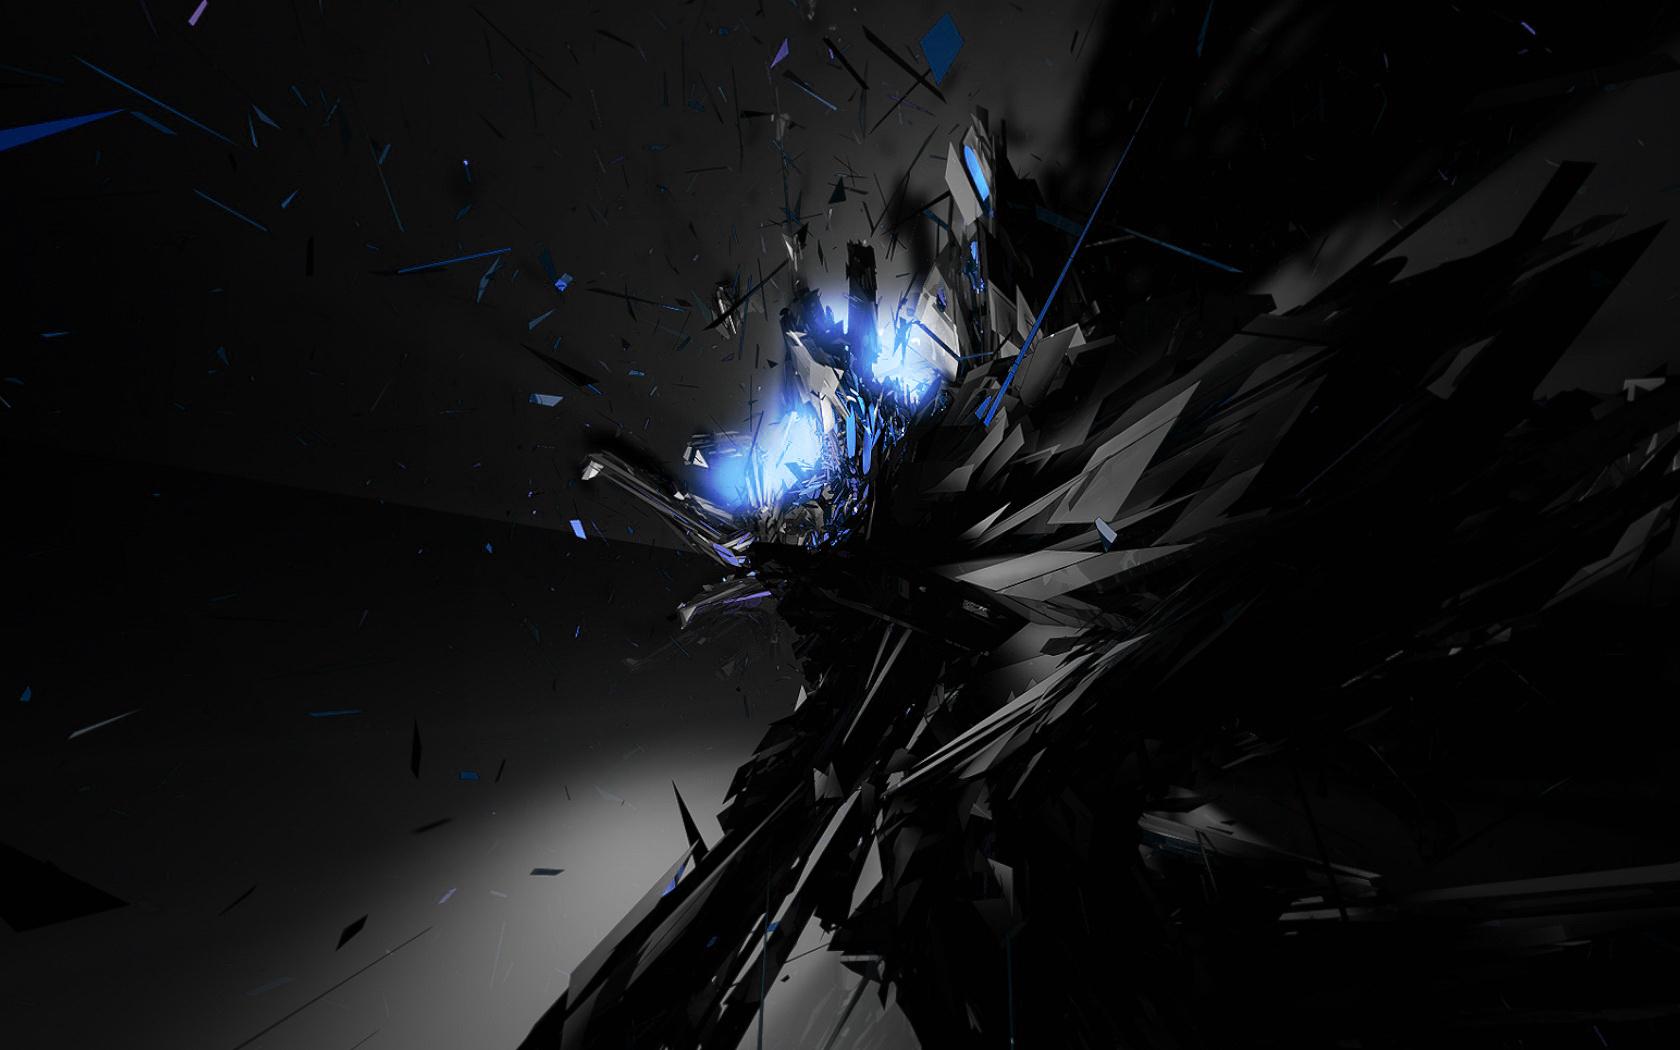 Abstrakt - Mörk  - Color - Shades - Mönster - Textures - Shapes - Svart - Blå - Ljus - Cool - Amazing - Flame - Drake - Grön - Cannibal - Lovely - Abstrakt - Artistisk - M Bakgrund